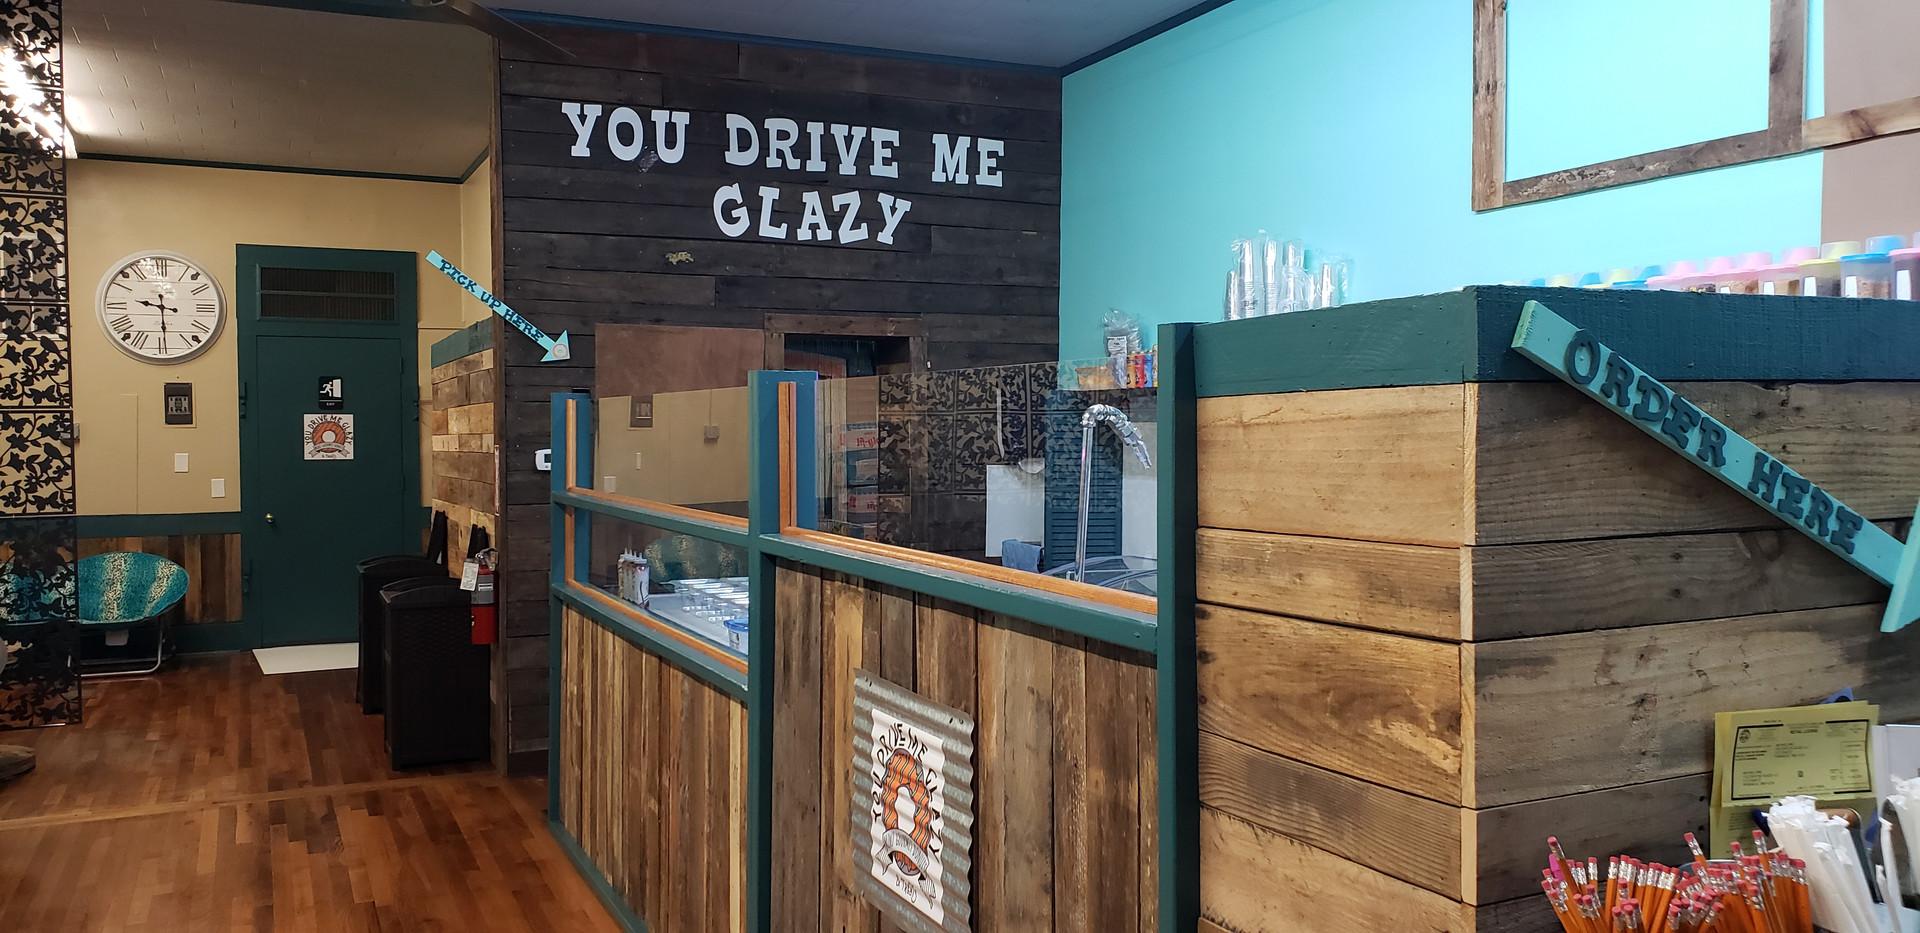 You Drive Me Glazy